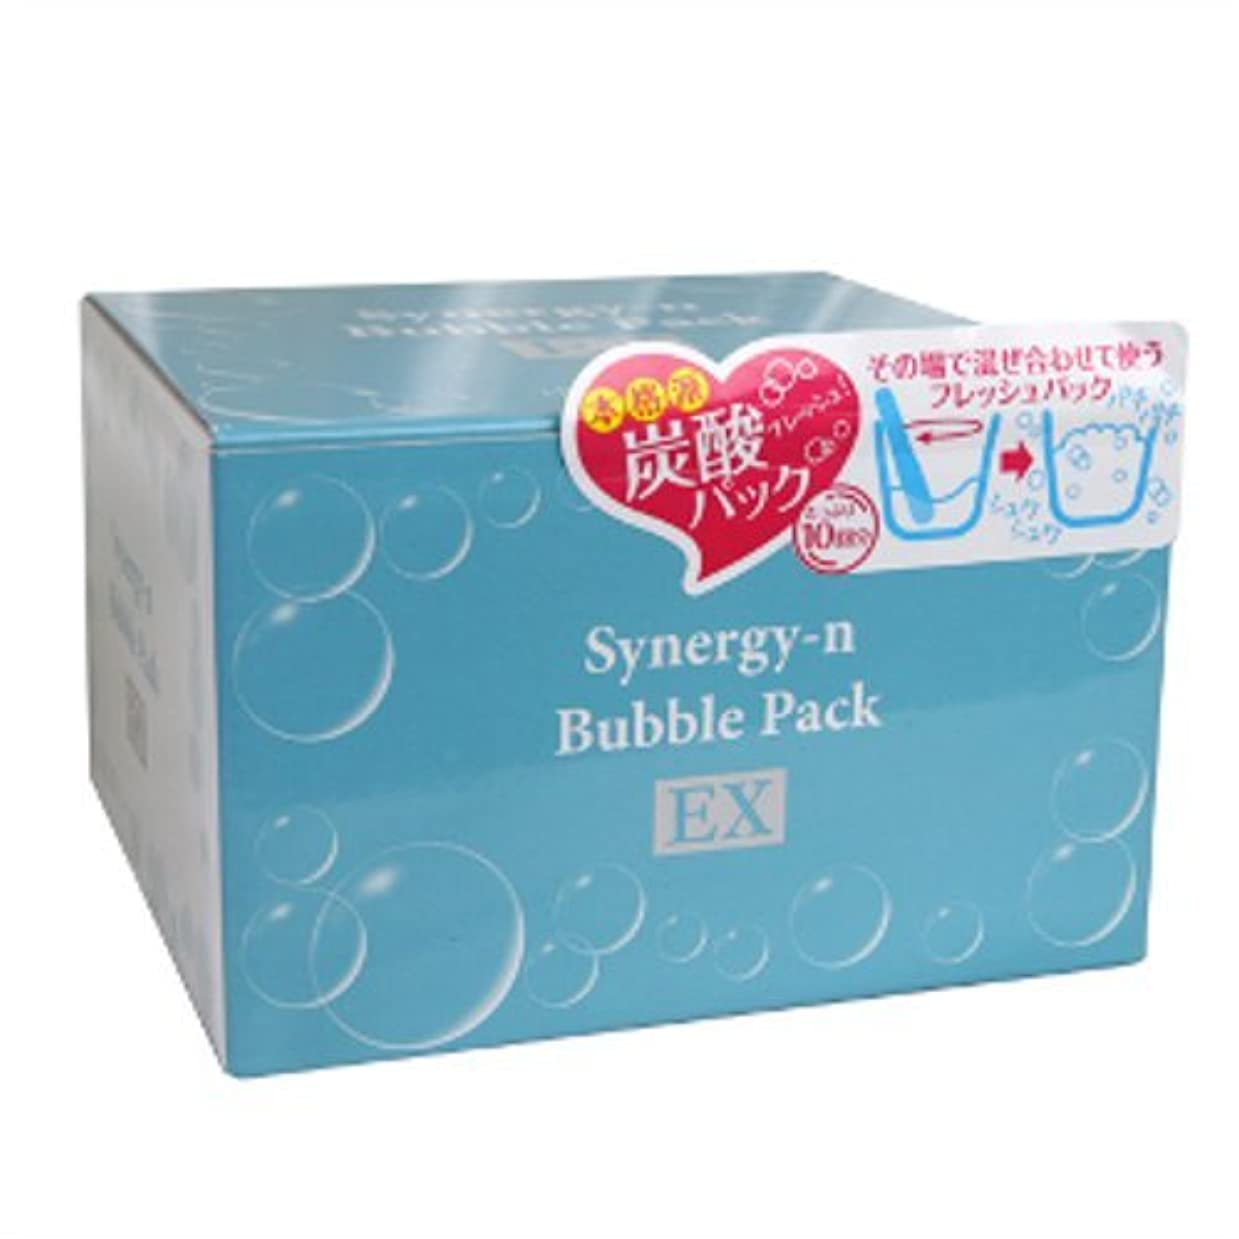 ボタン胆嚢なめるSynergy-n bubble face pack